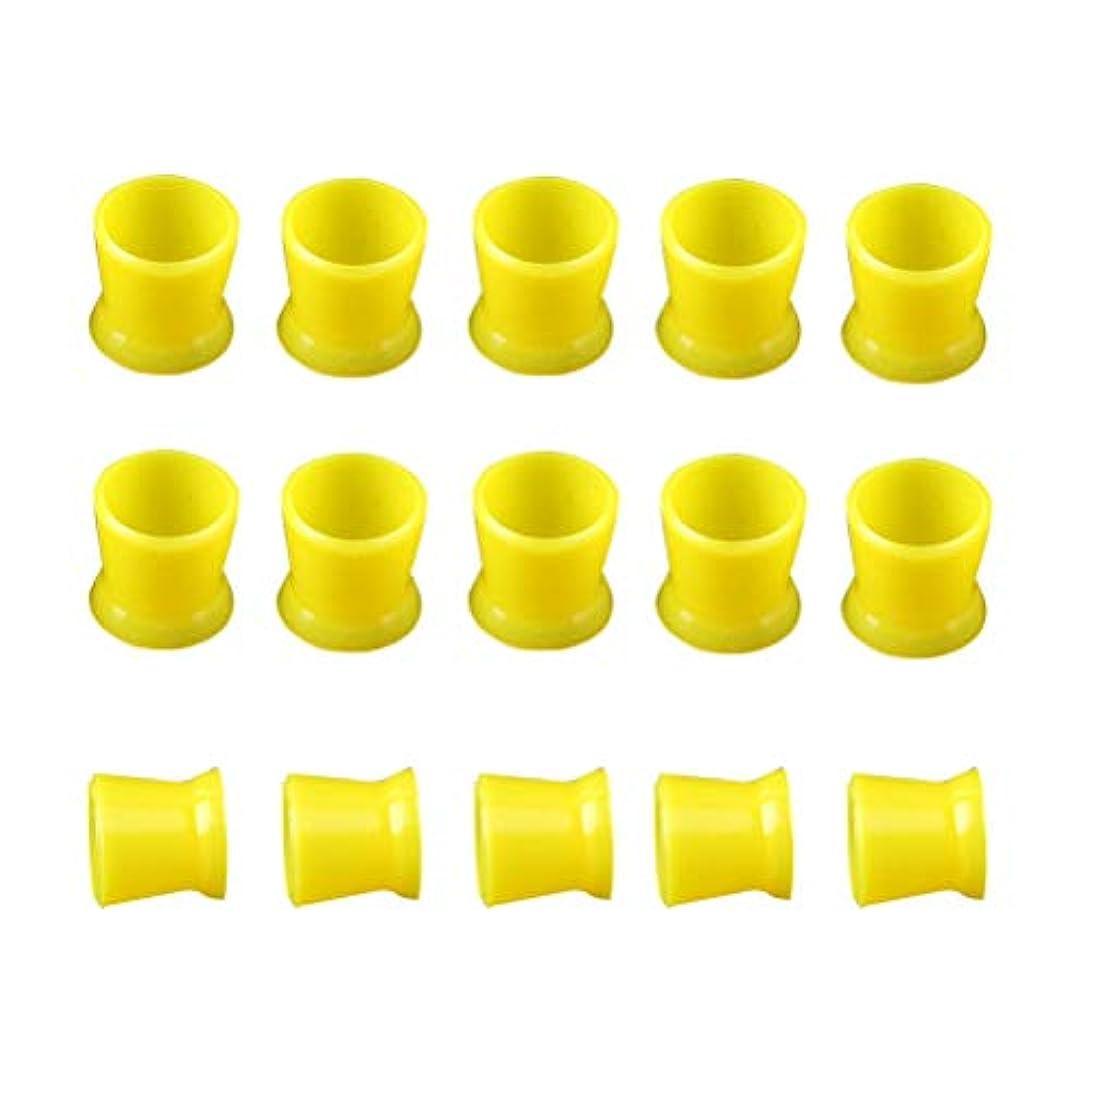 Healifty 300PCSシリコーンタトゥーインクカップ使い捨てマイクロブリーディングピグメントキャップホルダーコンテナ永久的なまつげメイクアップ眉(イエロー)